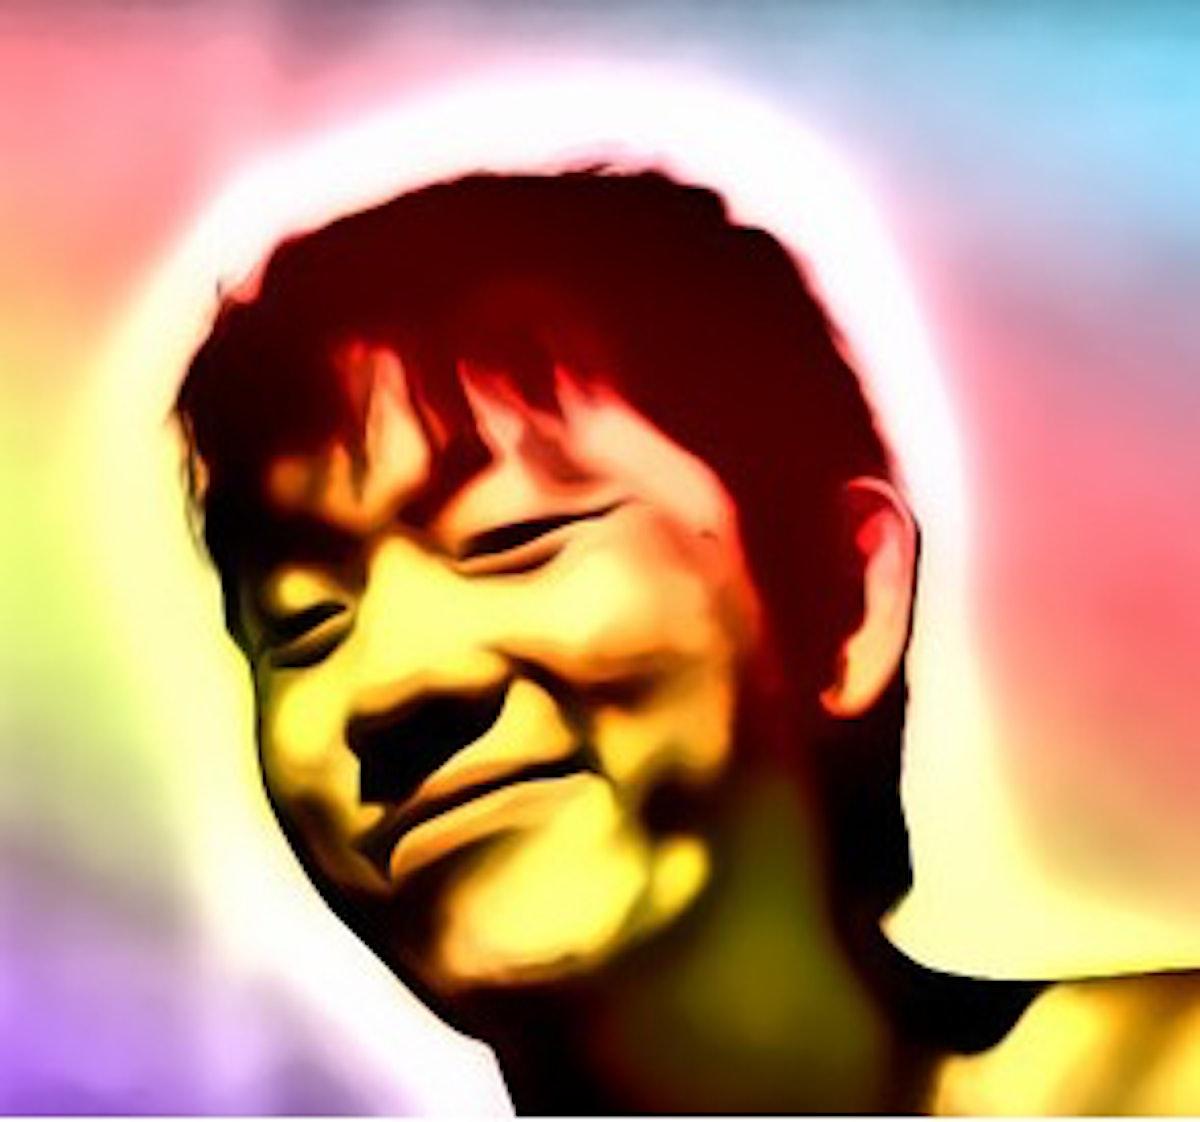 Zach Chen